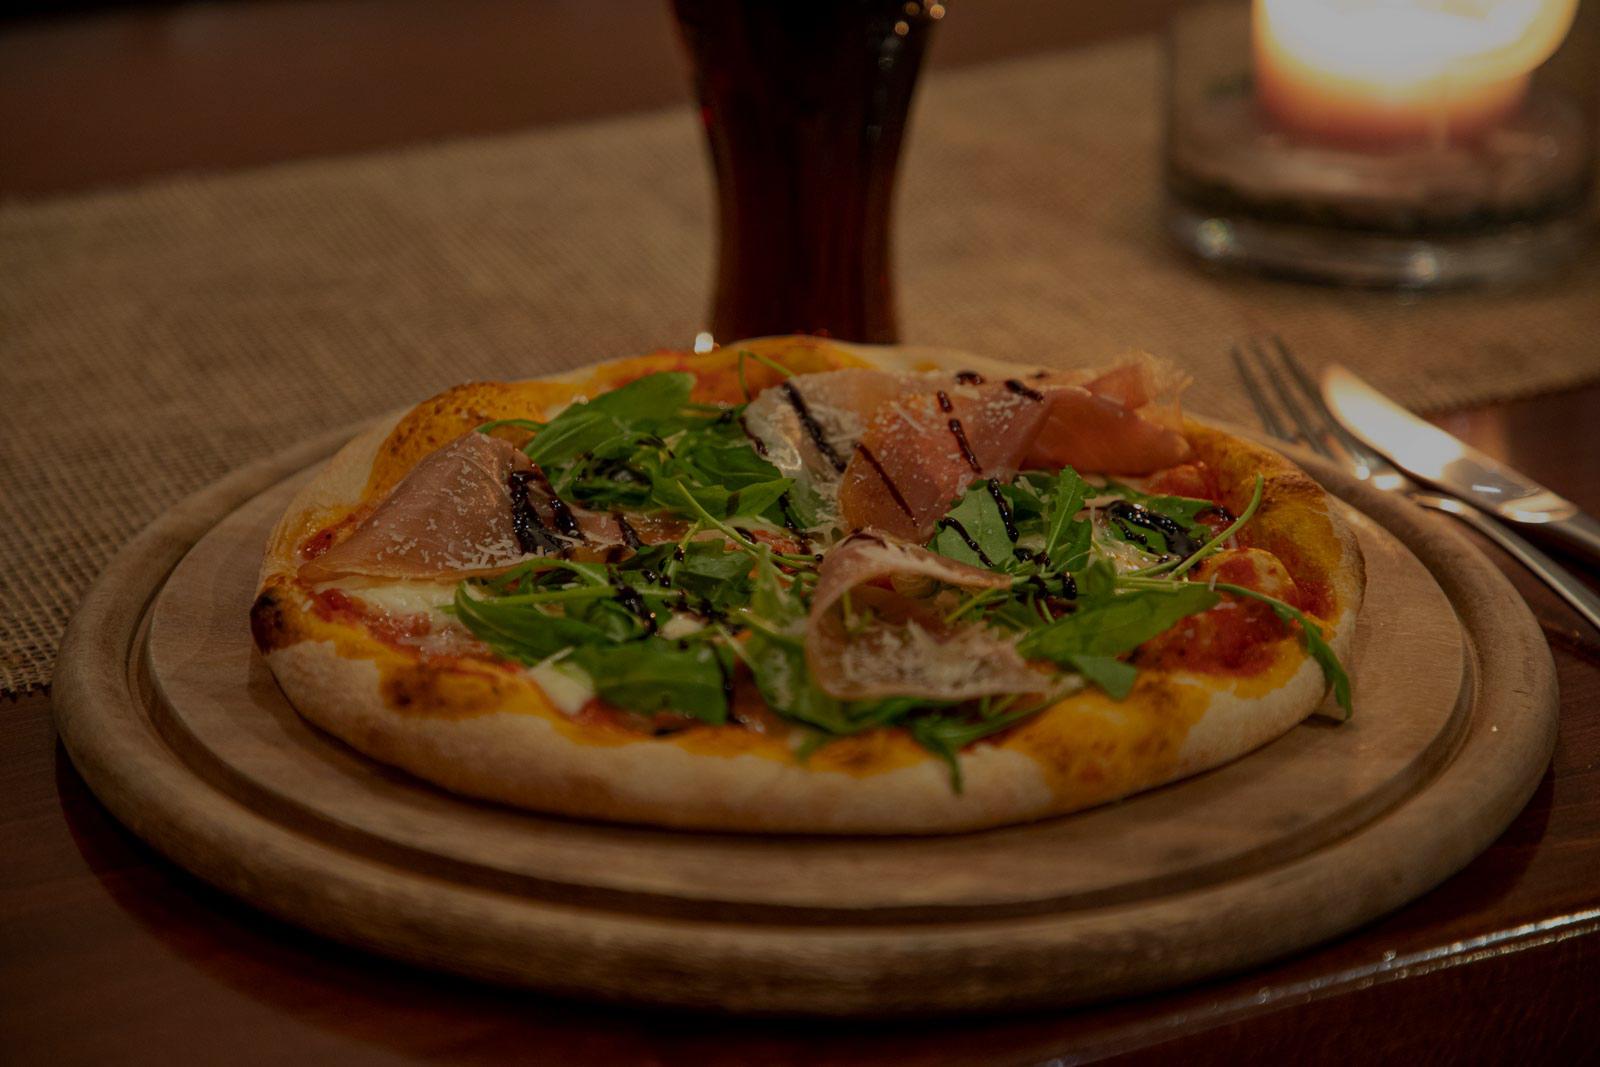 Pizzeria Paderborn • Restaurant Piccola Posta • Speisekarte Piccola Posta • Italiener • Restaurant Paderborn • Essen in Paderborn • Pizza